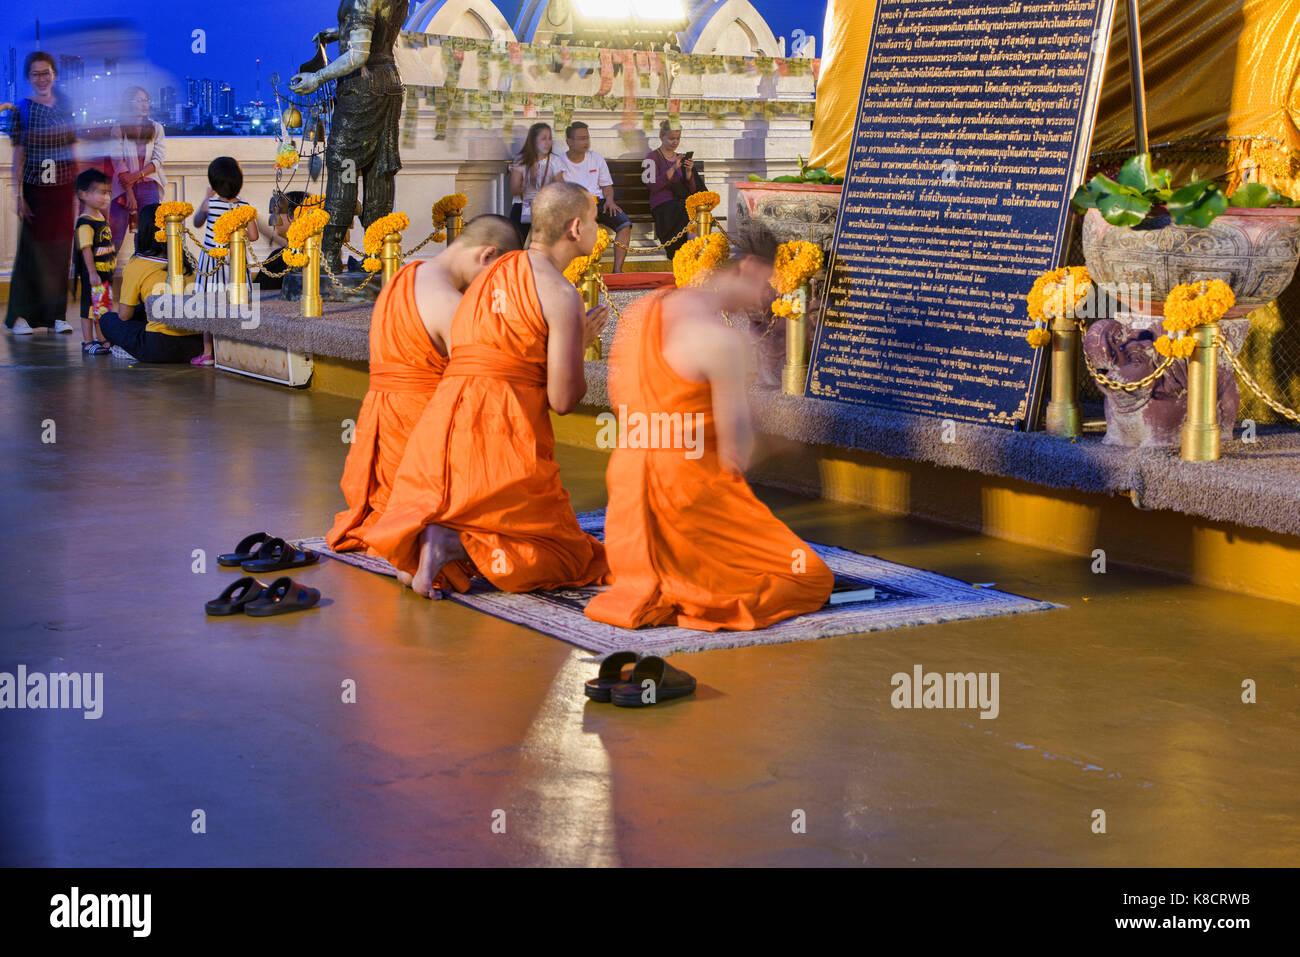 Monks praying at Wat Saket (The Golden Mount) in Bangkok, Thailand - Stock Image